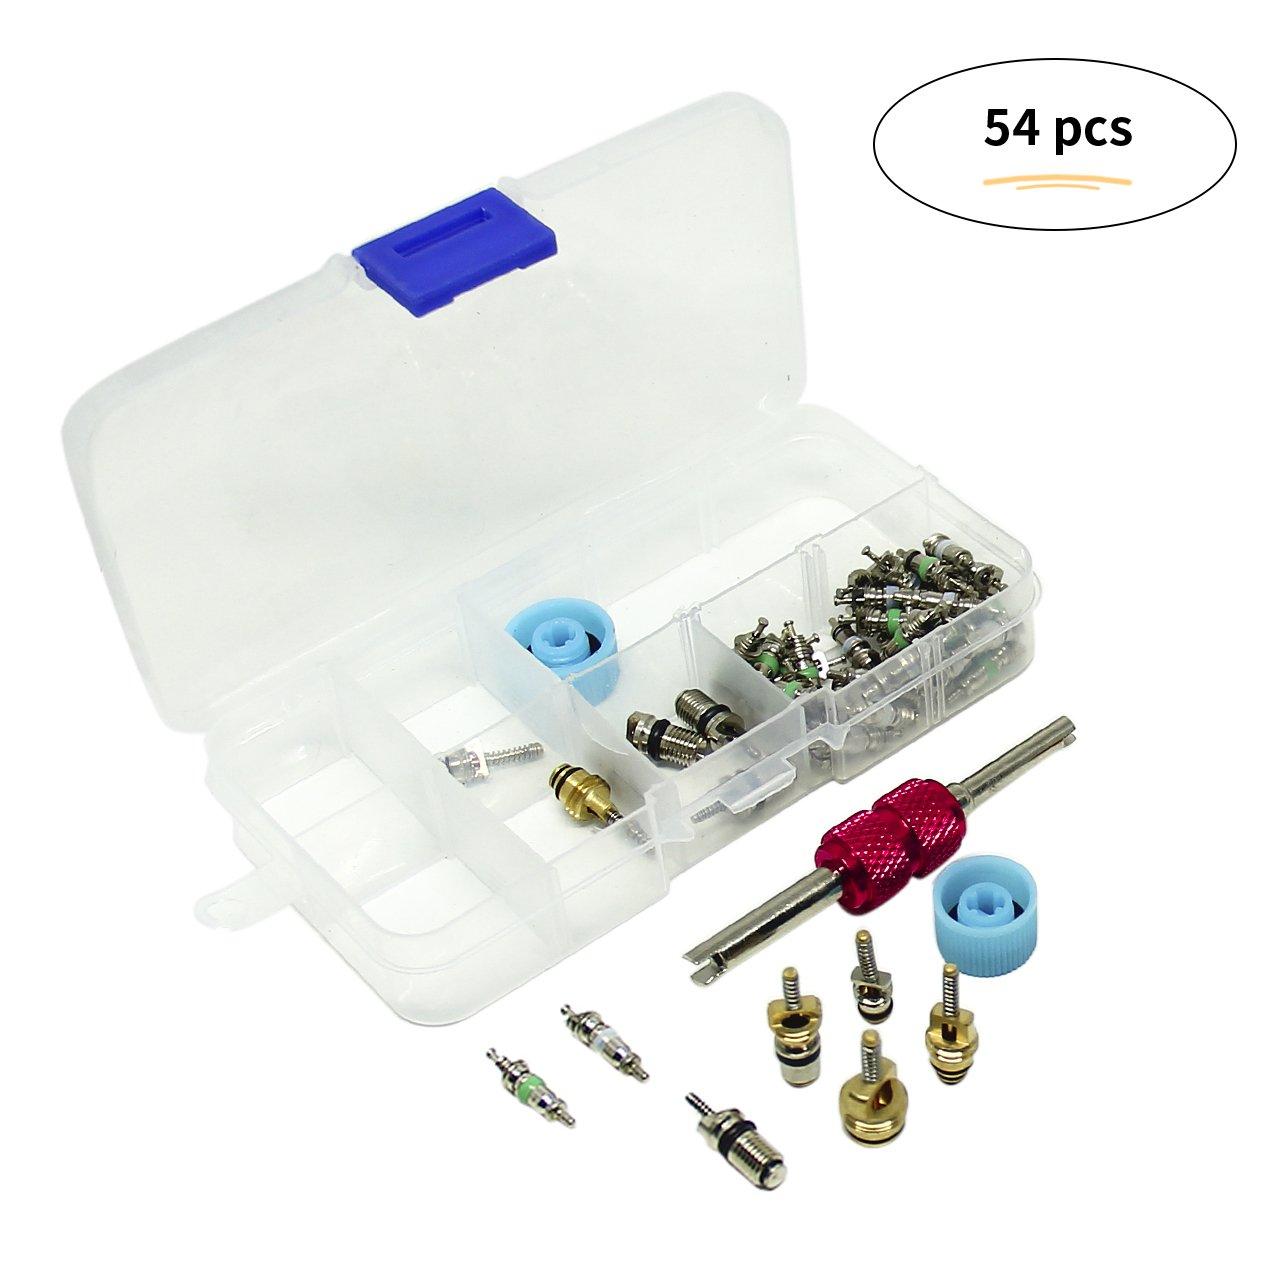 Magiin 108Pcs A//C R134A//R12 Valve Cores dair Climatisation Kit Accessoires avec Deux Bo/îtes de Rangement